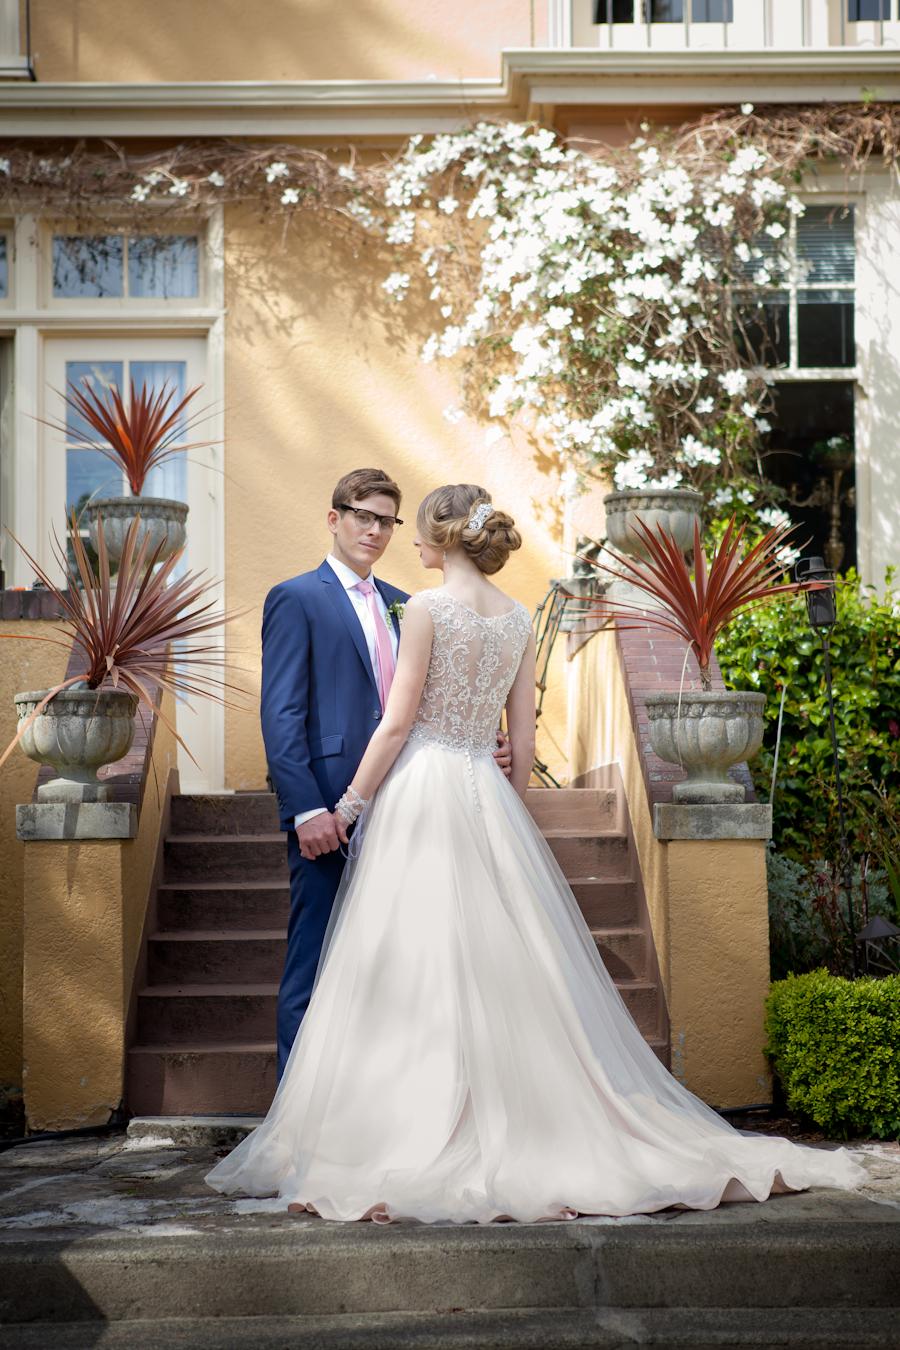 Spring Wedding at Villa Marco Polo Inn, Victoria BC